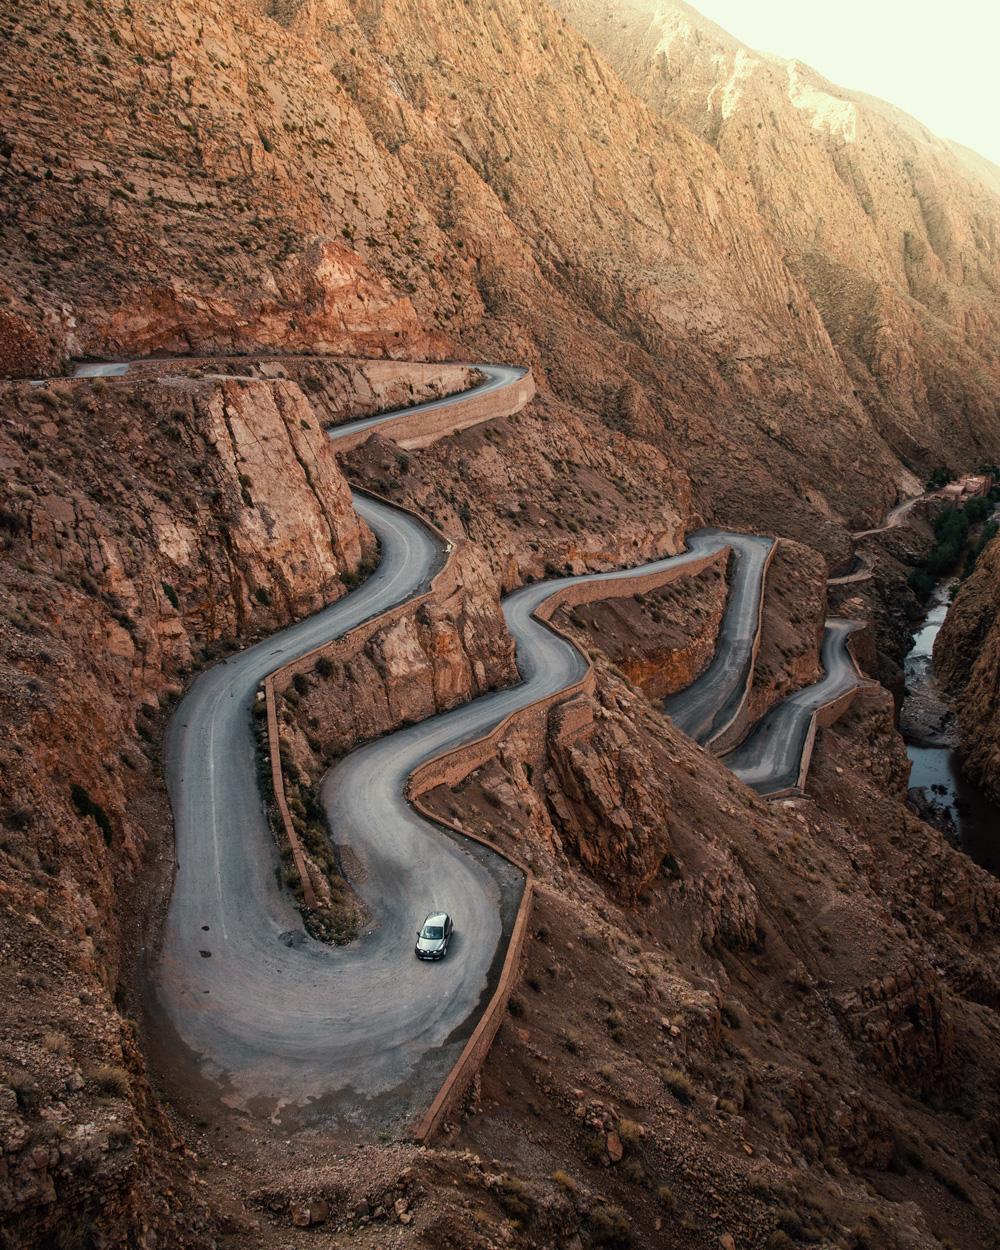 Dades Valley, Morocco